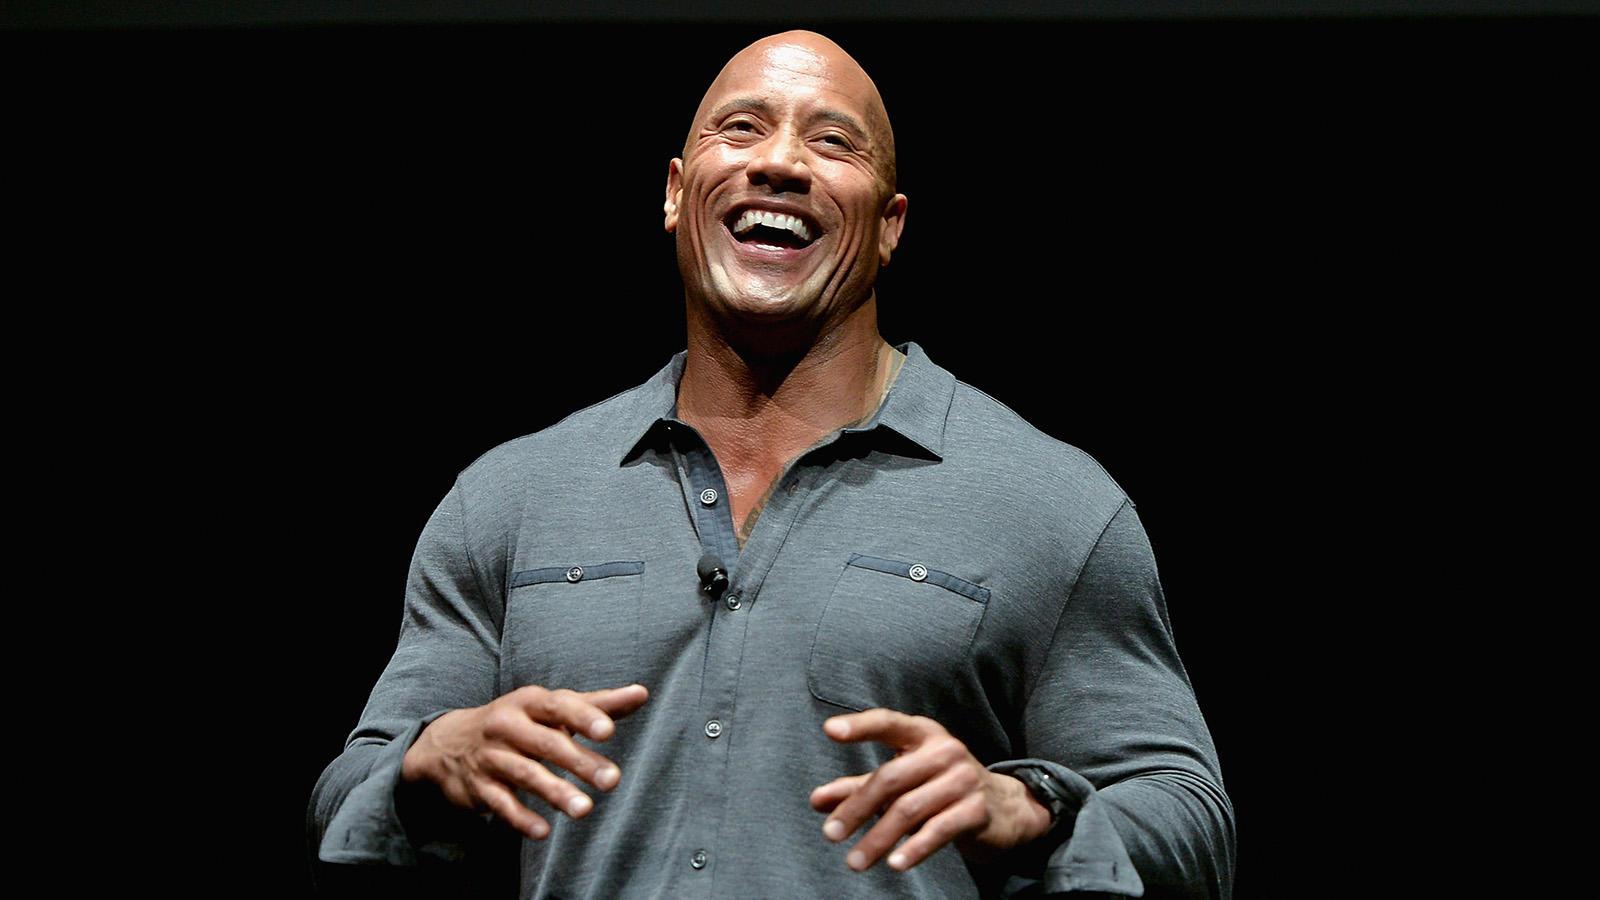 A Miami egyetemen sportösztöndíjjal tanult, és profi amerikaifutball-játékos akart lenni. Az NFL-be végül egy sérülés miatt nem jutott be, de nem omlott össze: fiziológiából és kriminológiából szerzett diplomát! (Credit: Getty Images)